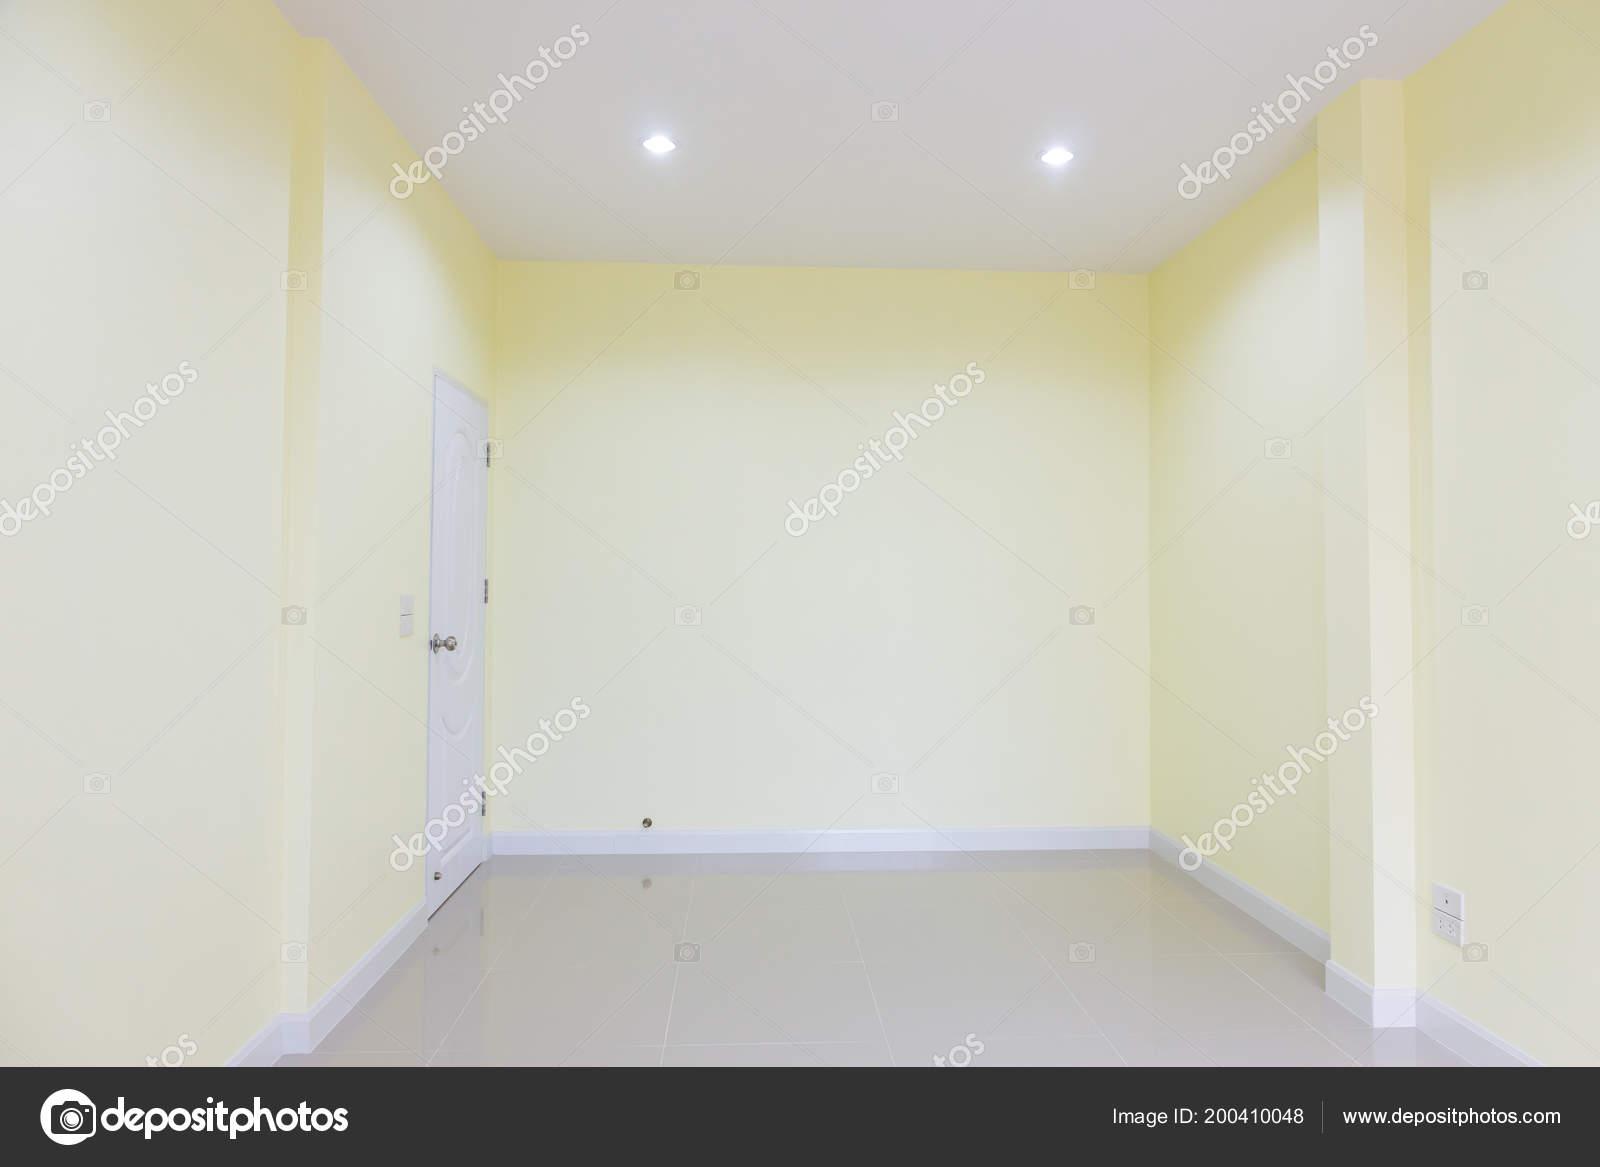 Fond Intérieur Vide Chambre Mur Jaune Couleur Porte Blanche ...